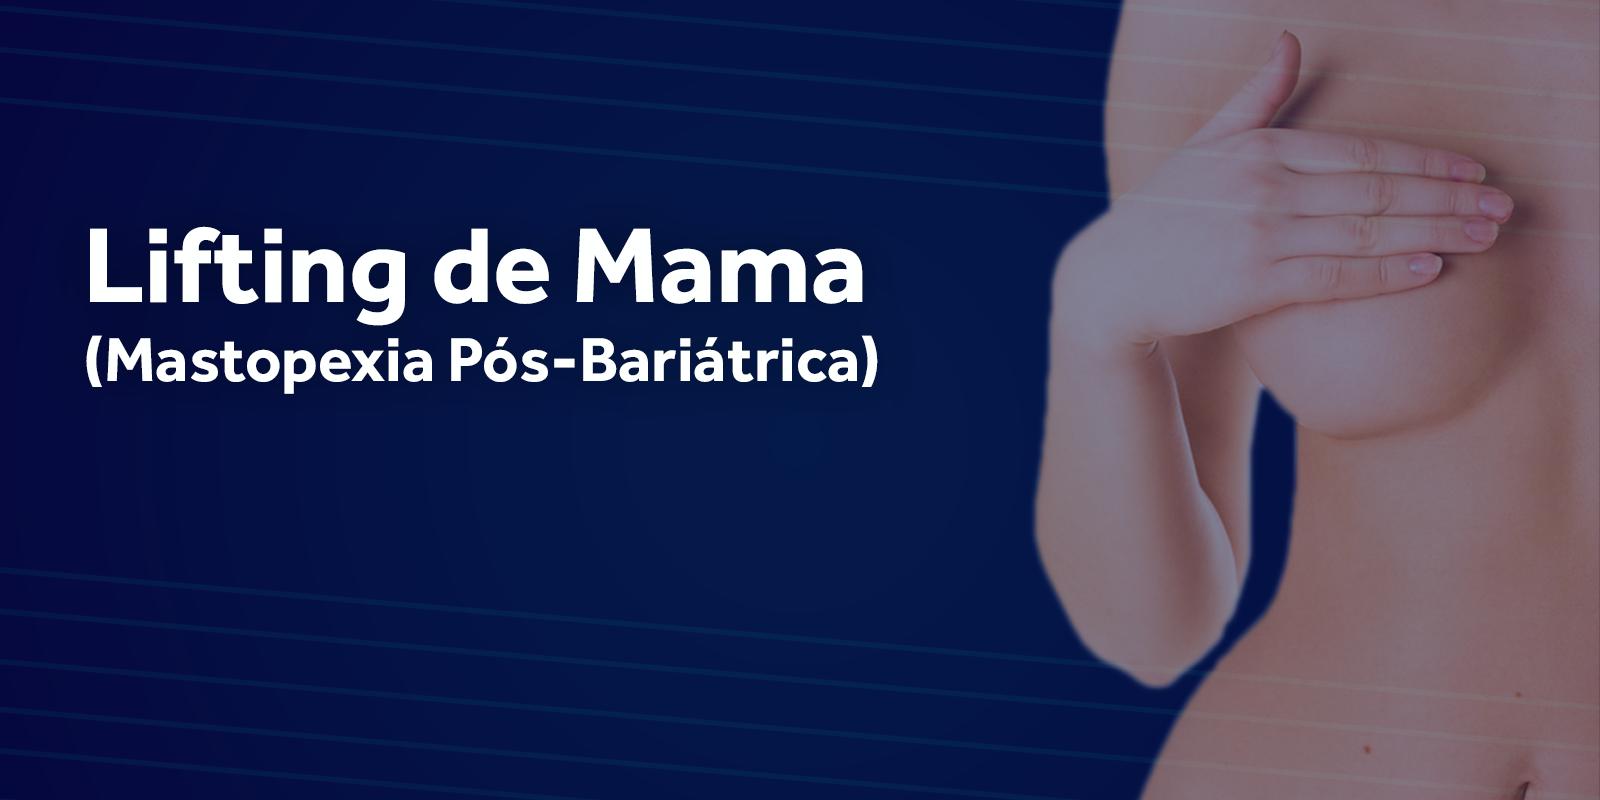 Lifting de mama (mastopexia pós-bariátrica)